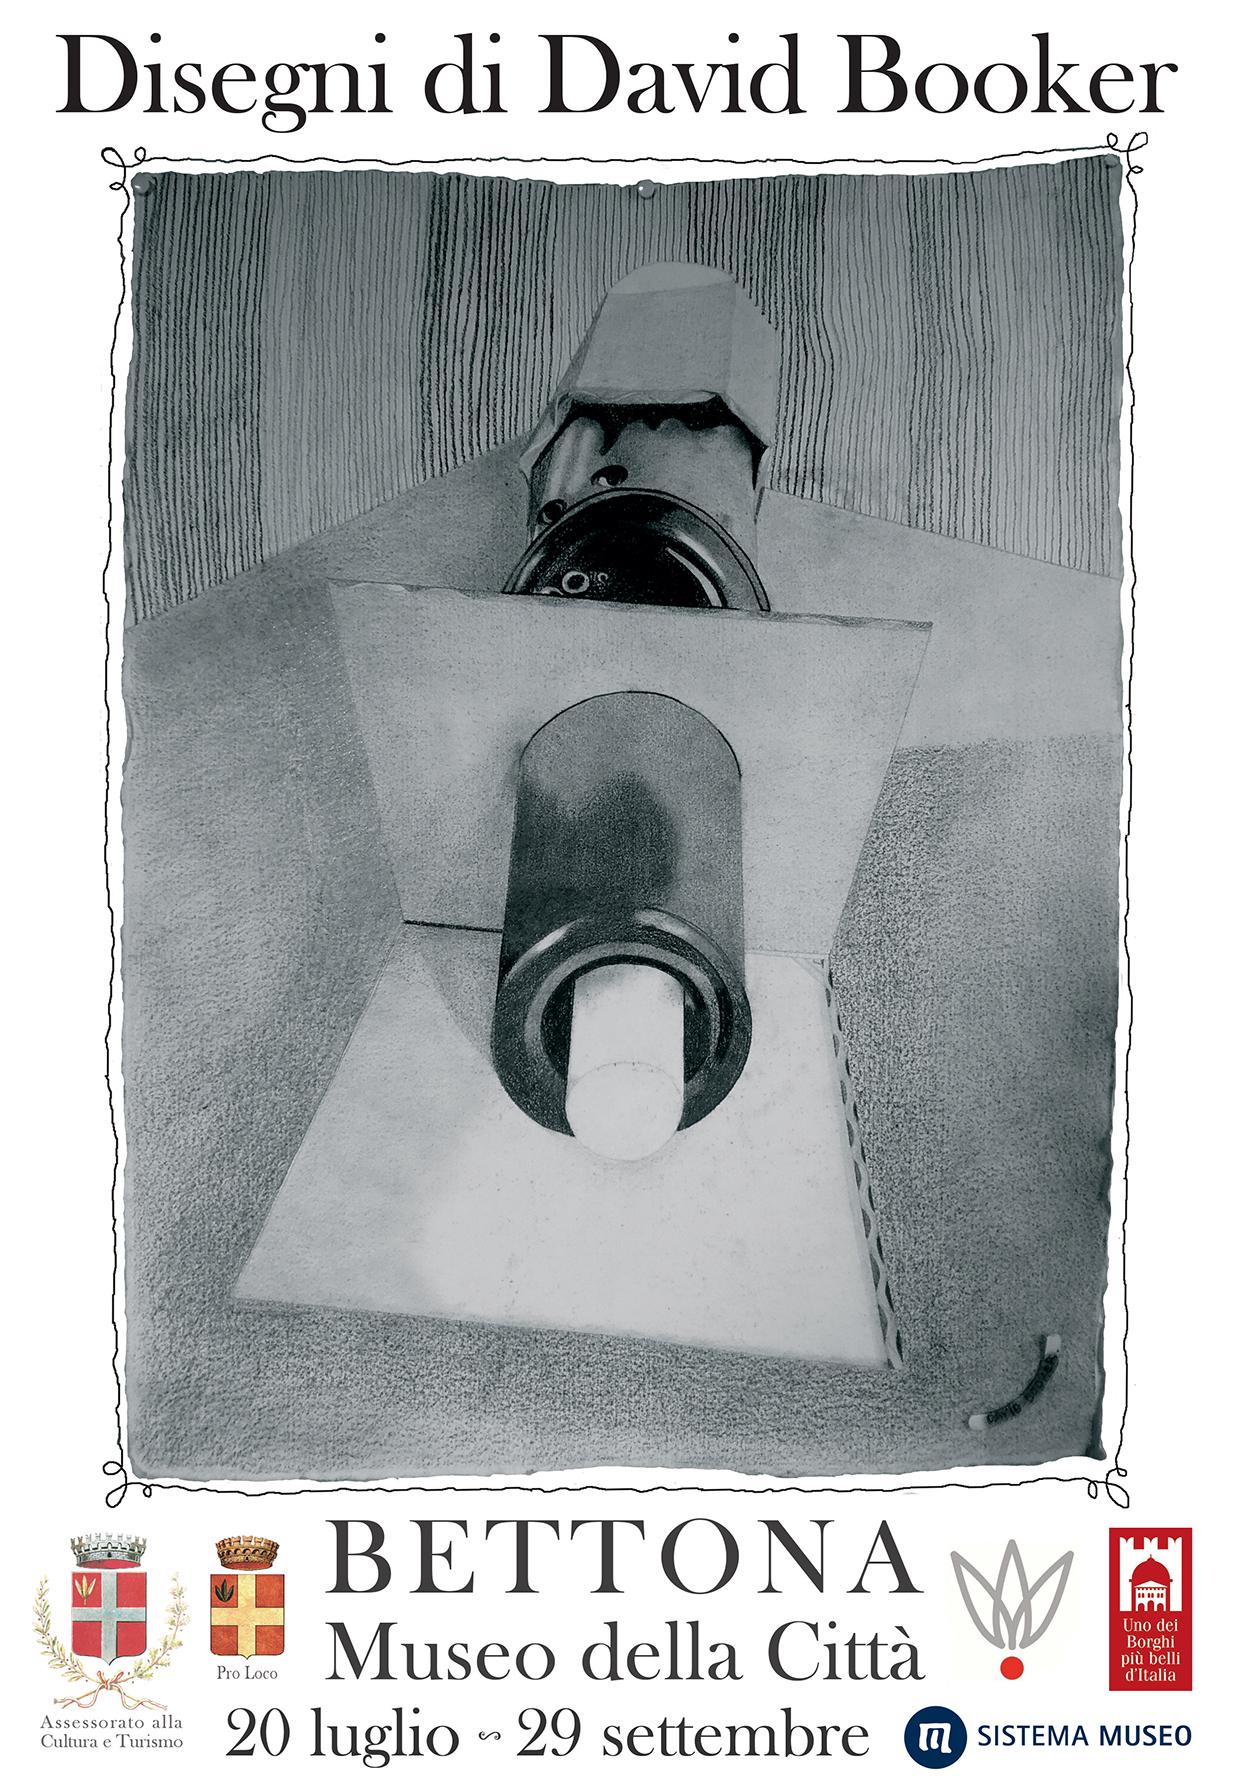 Pencil drawings by David Booker - Bettona